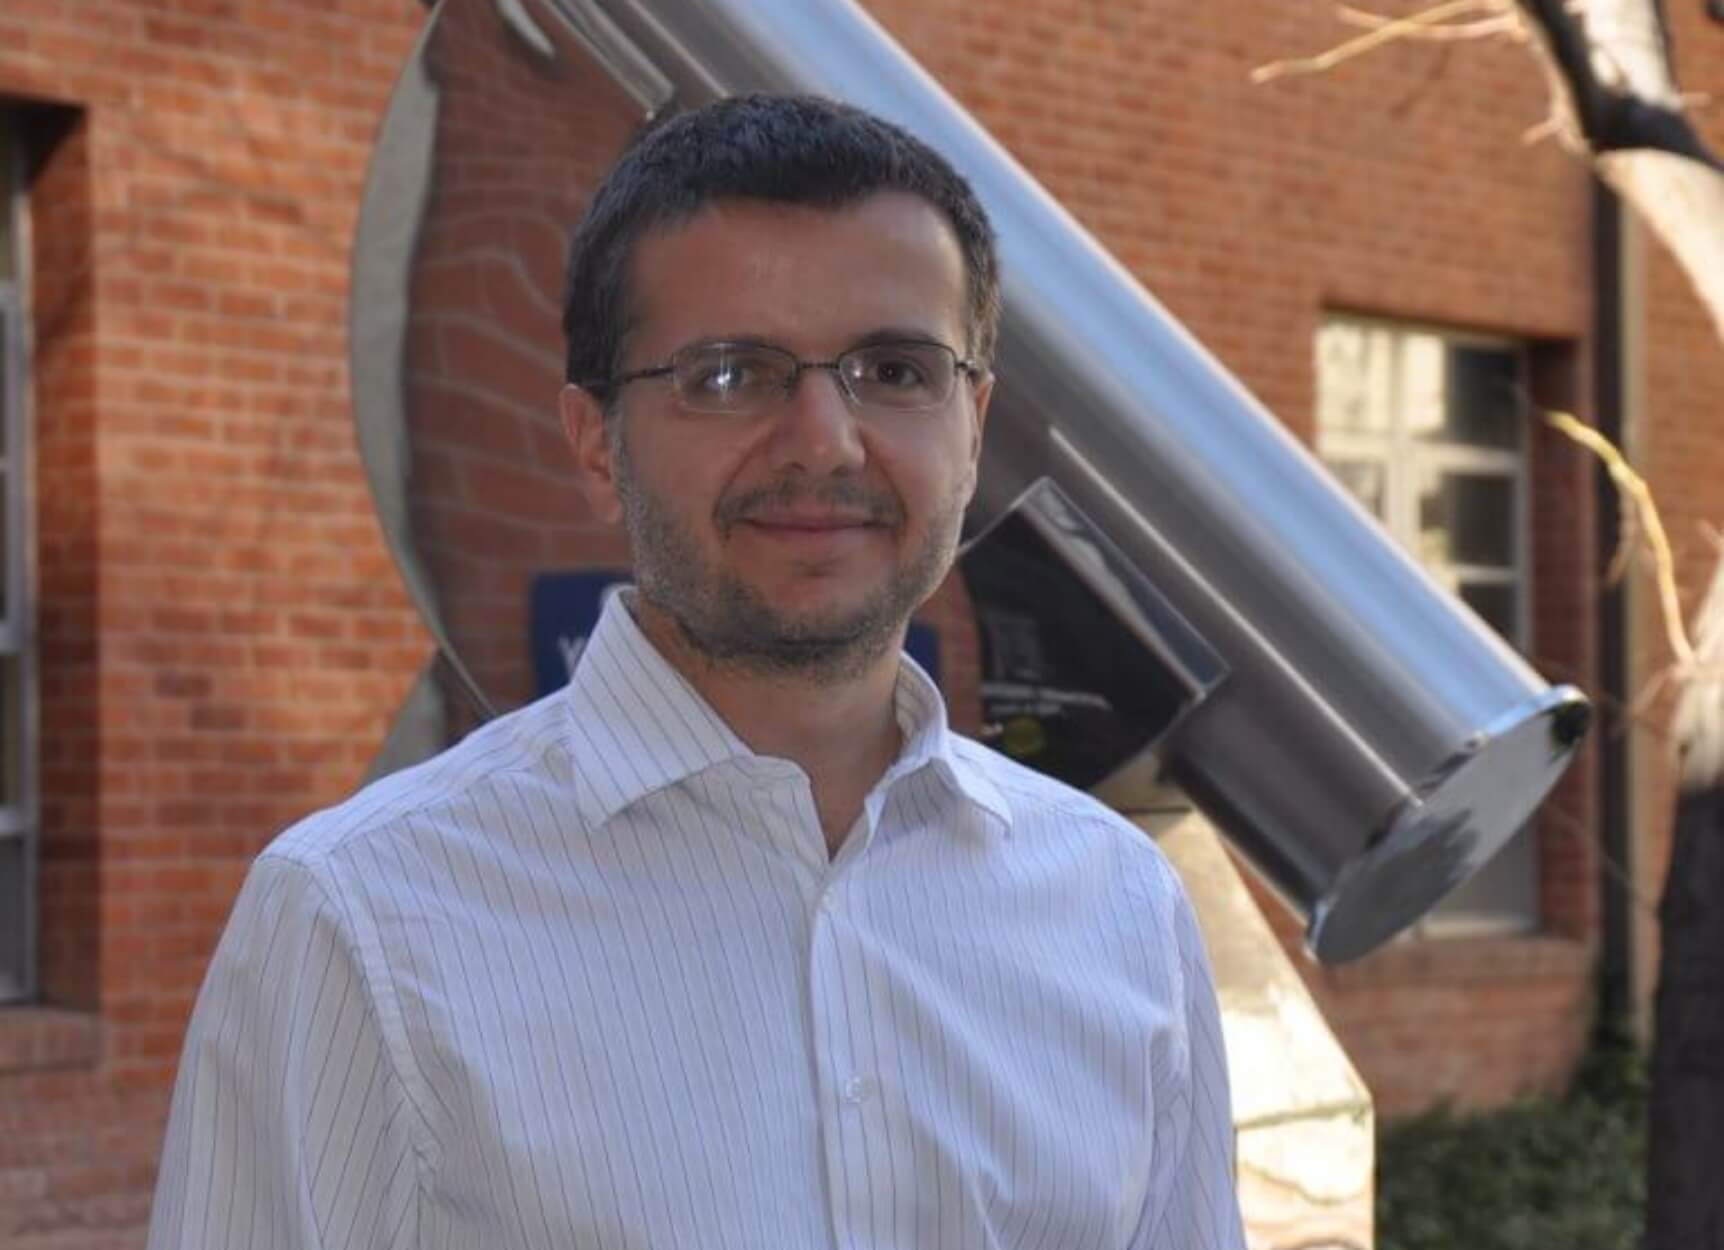 Δημήτρης Ψάλτης: Θα γίνει τρίτος Έλληνας με Νόμπελ;